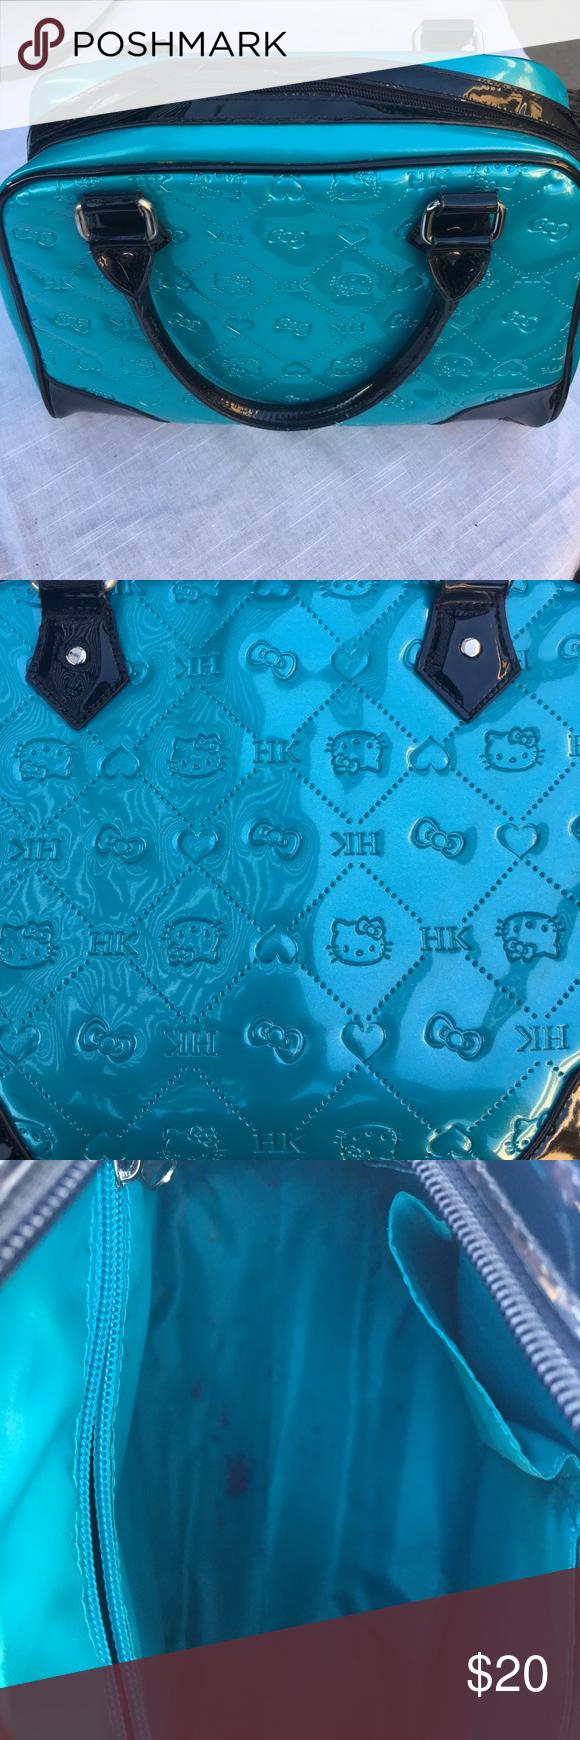 Hello Kitty turquoise purse Hello Kitty turquoise purse Hello Kitty Bags Totes